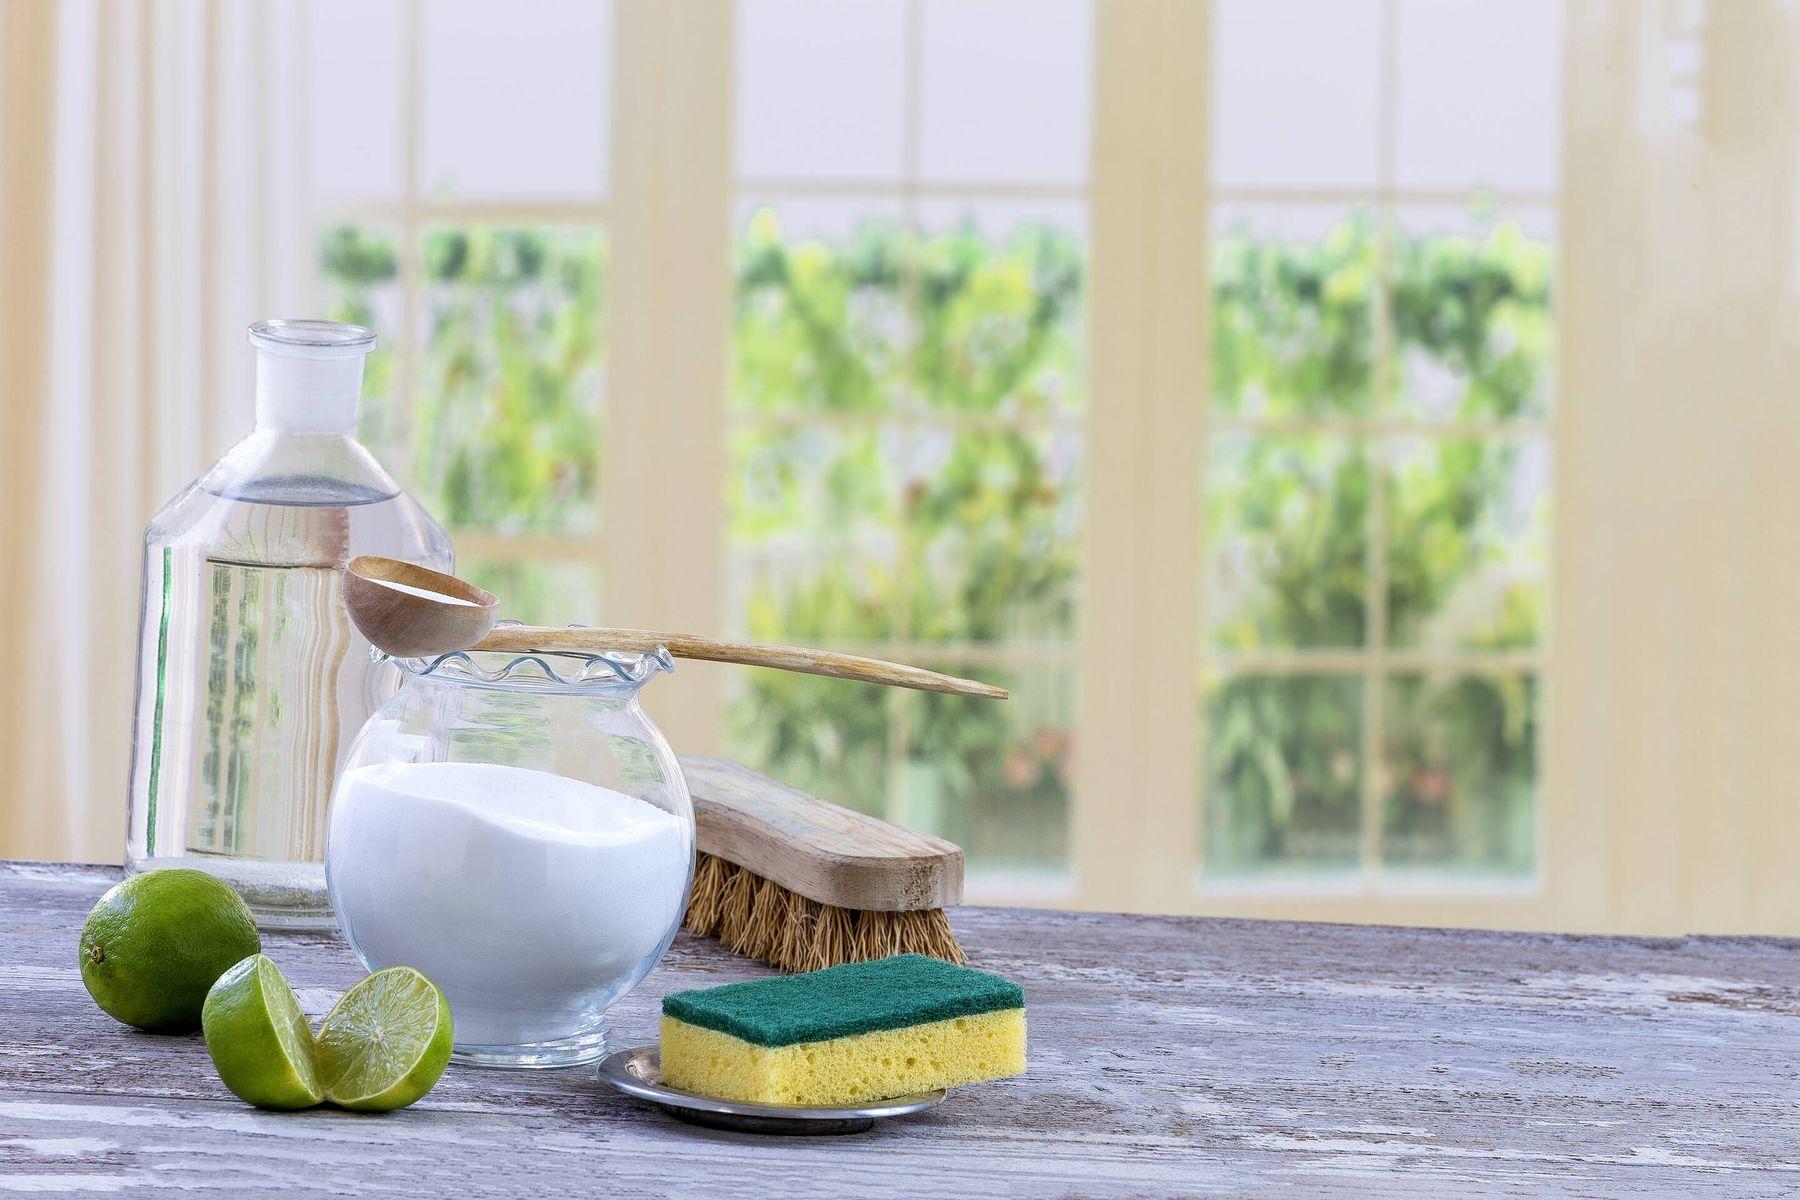 अपनी खिड़कियों के चैनल के अंदर जमी धूल को कैसे साफ़ करें   गेट सेट क्लीन